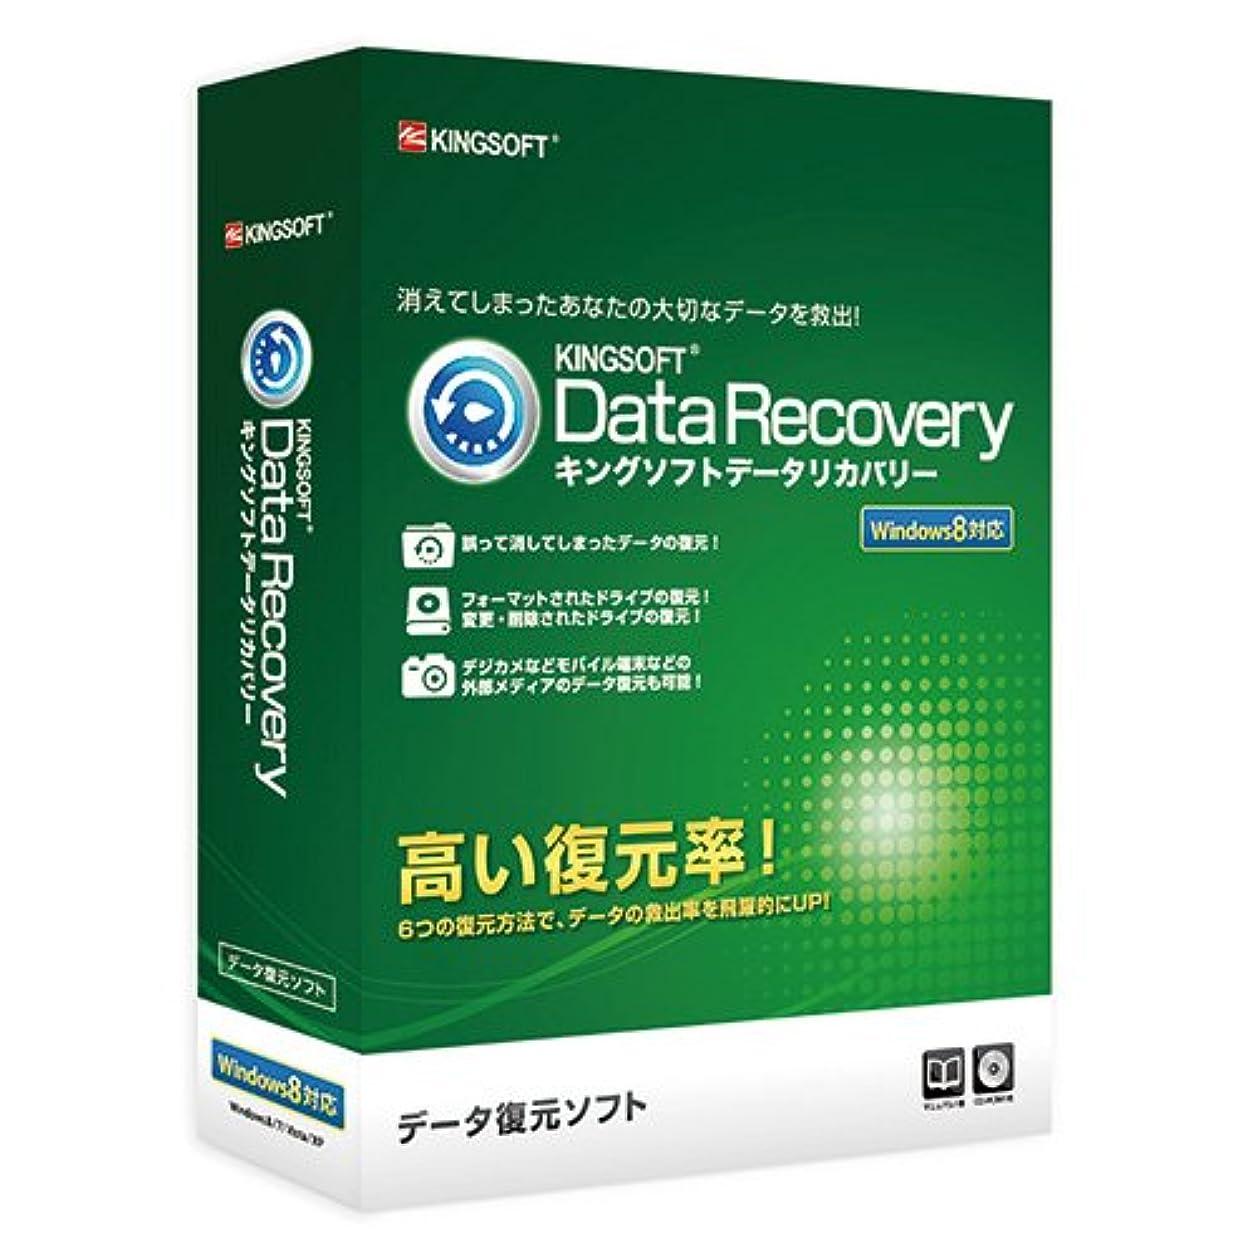 KINGSOFT Data Recovery パッケージ CD-ROM版